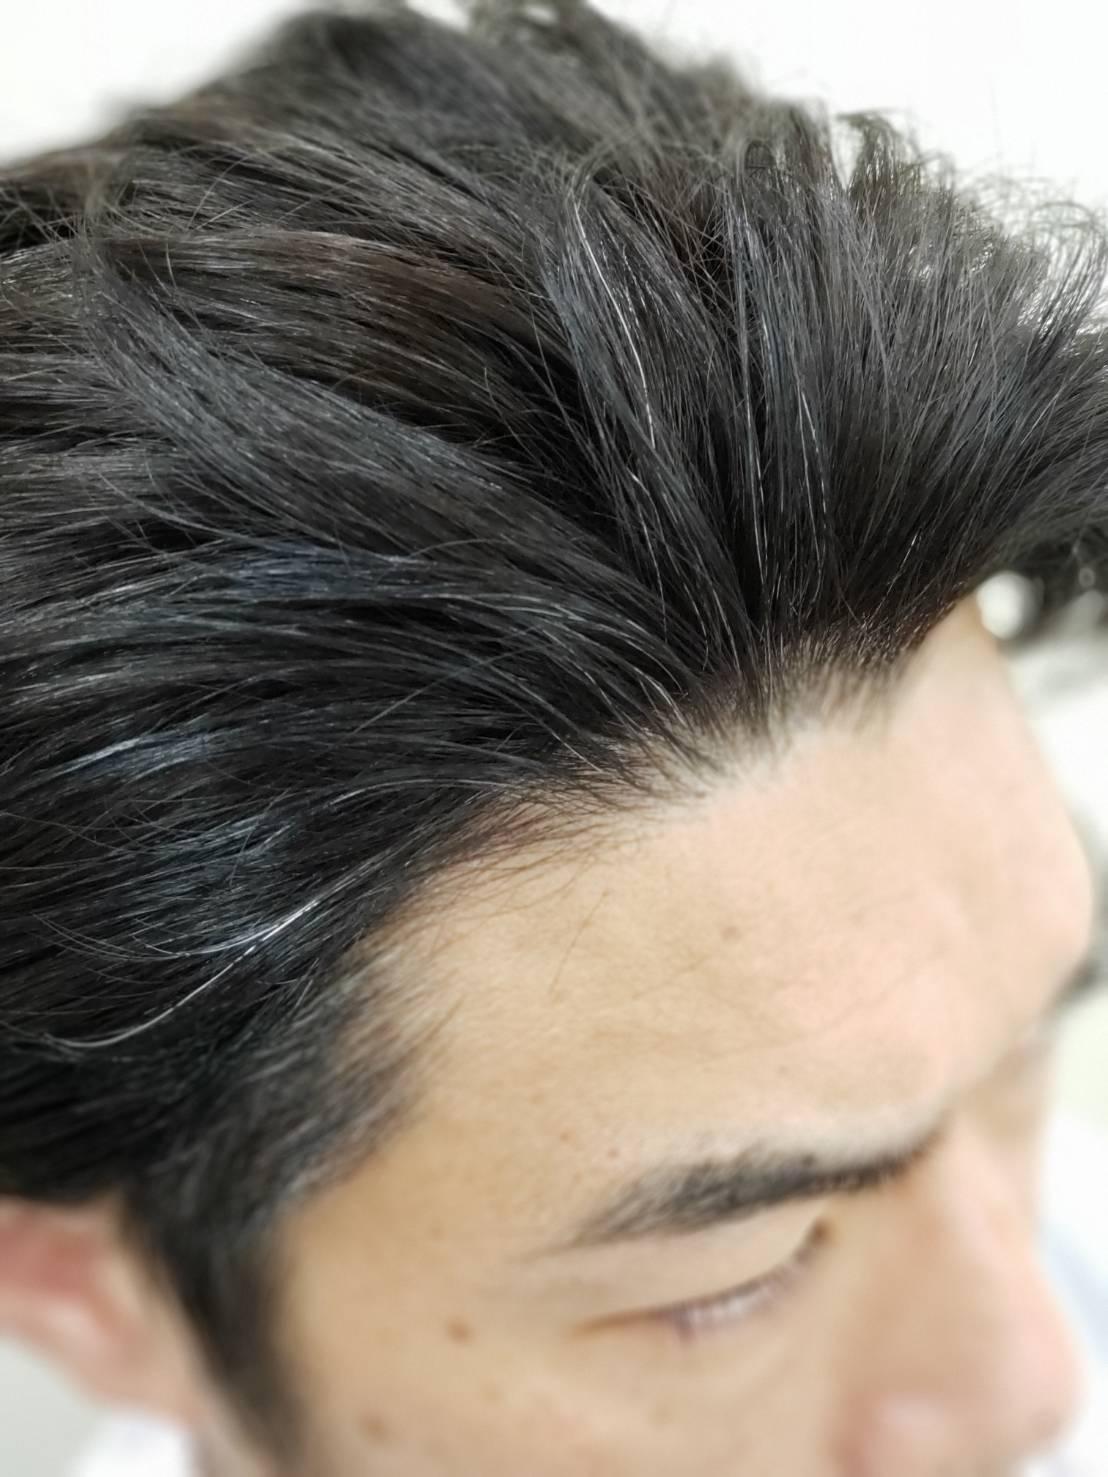 自身の生え際を使って、かつらの毛と馴染ませます。 自身の生え際を使って、かつらの毛と馴染ませます。 髪色、長さの条件が整えば、最も自然に仕上がります。